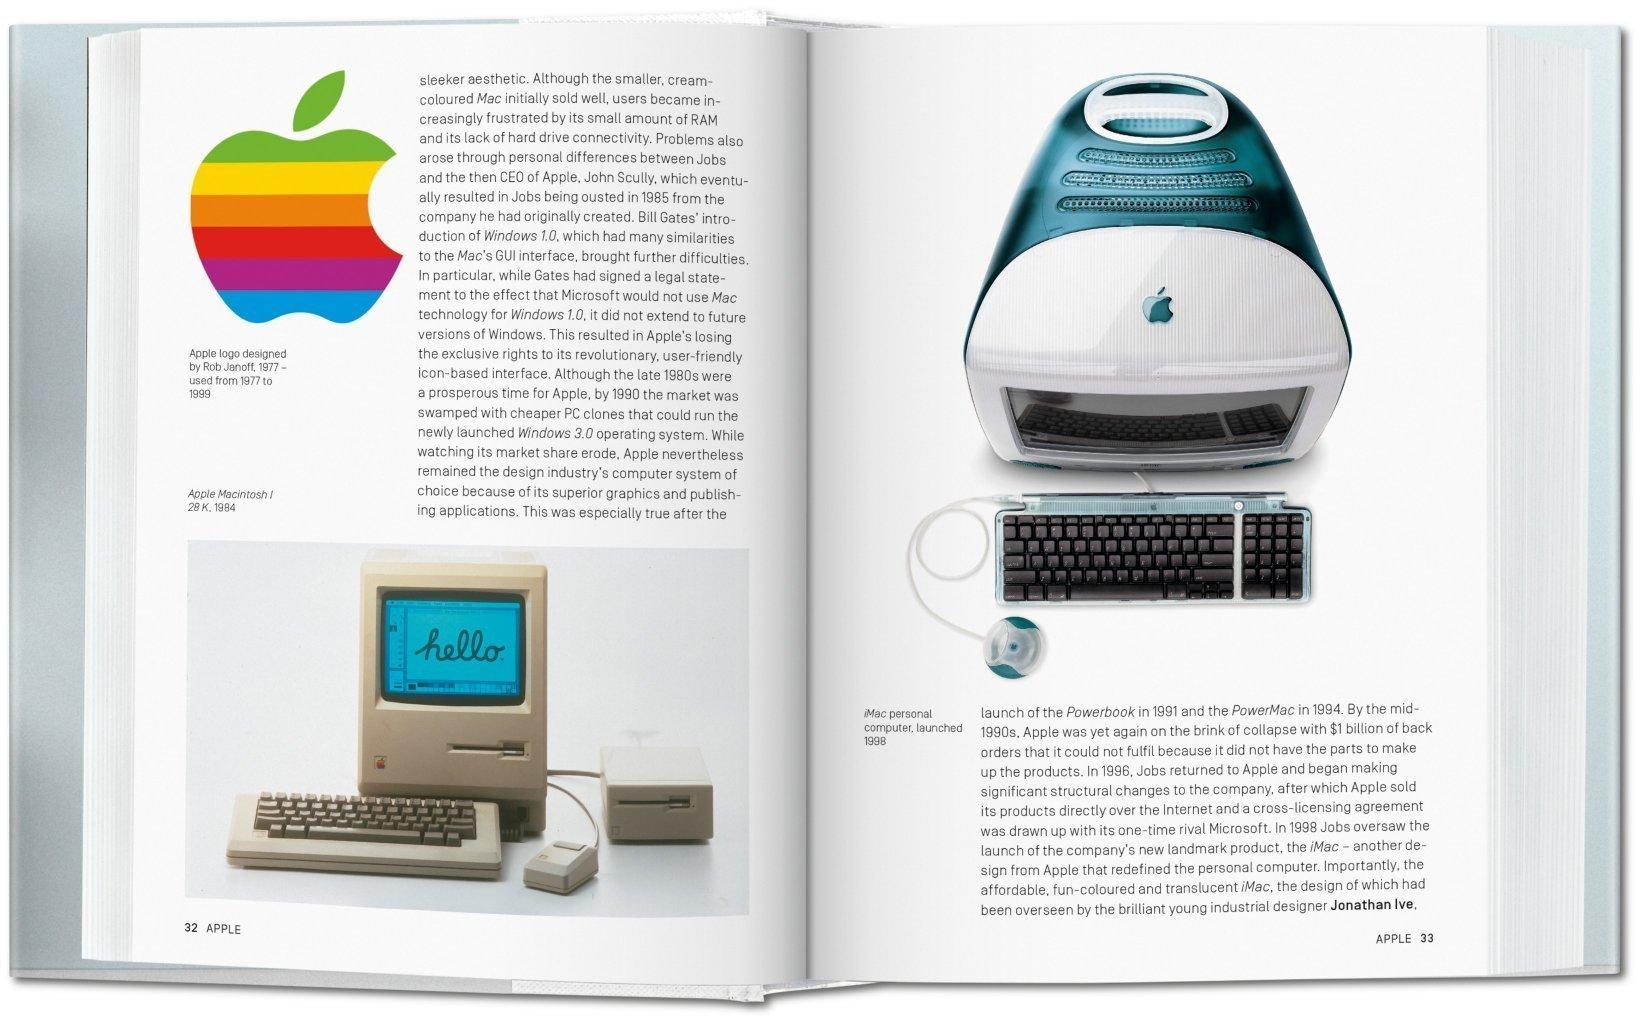 El diseño industrial de la A a la Z Bibliotheca Universalis: Amazon.es: Charlotte Fiell, Peter Fiell: Libros en idiomas extranjeros